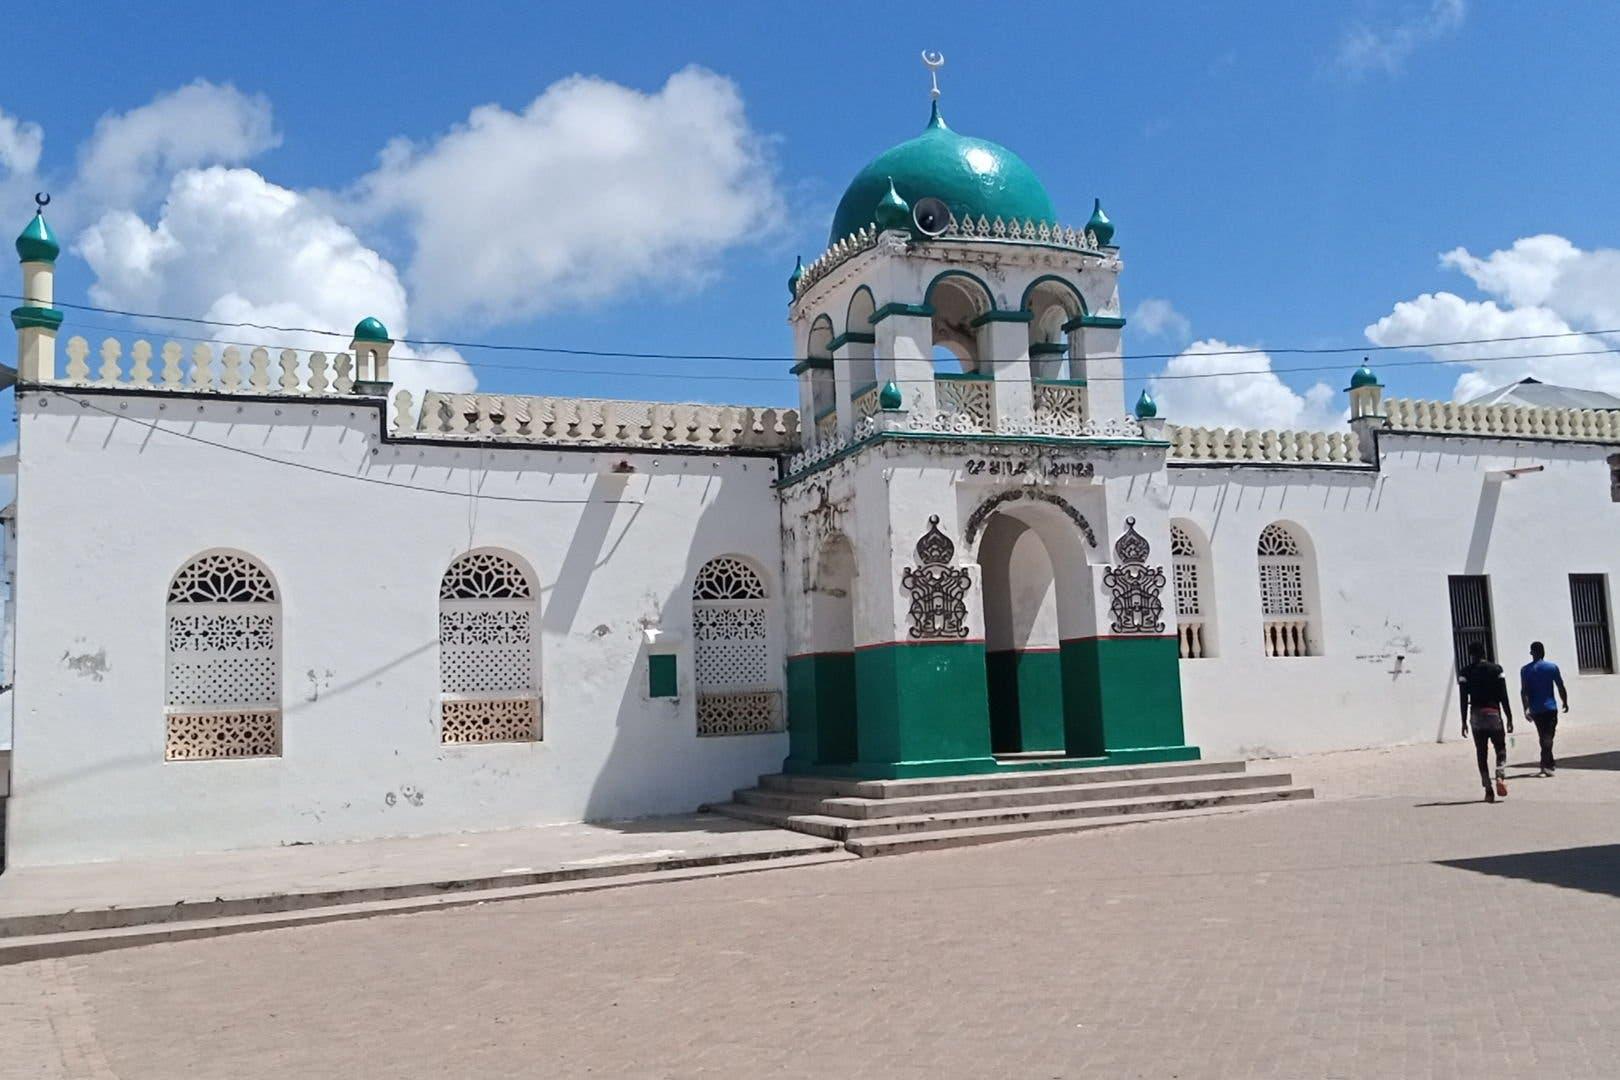 KENYA: Caro ka dhalatay fanaan soo xirtay funaanad lagu sawiray Masjid